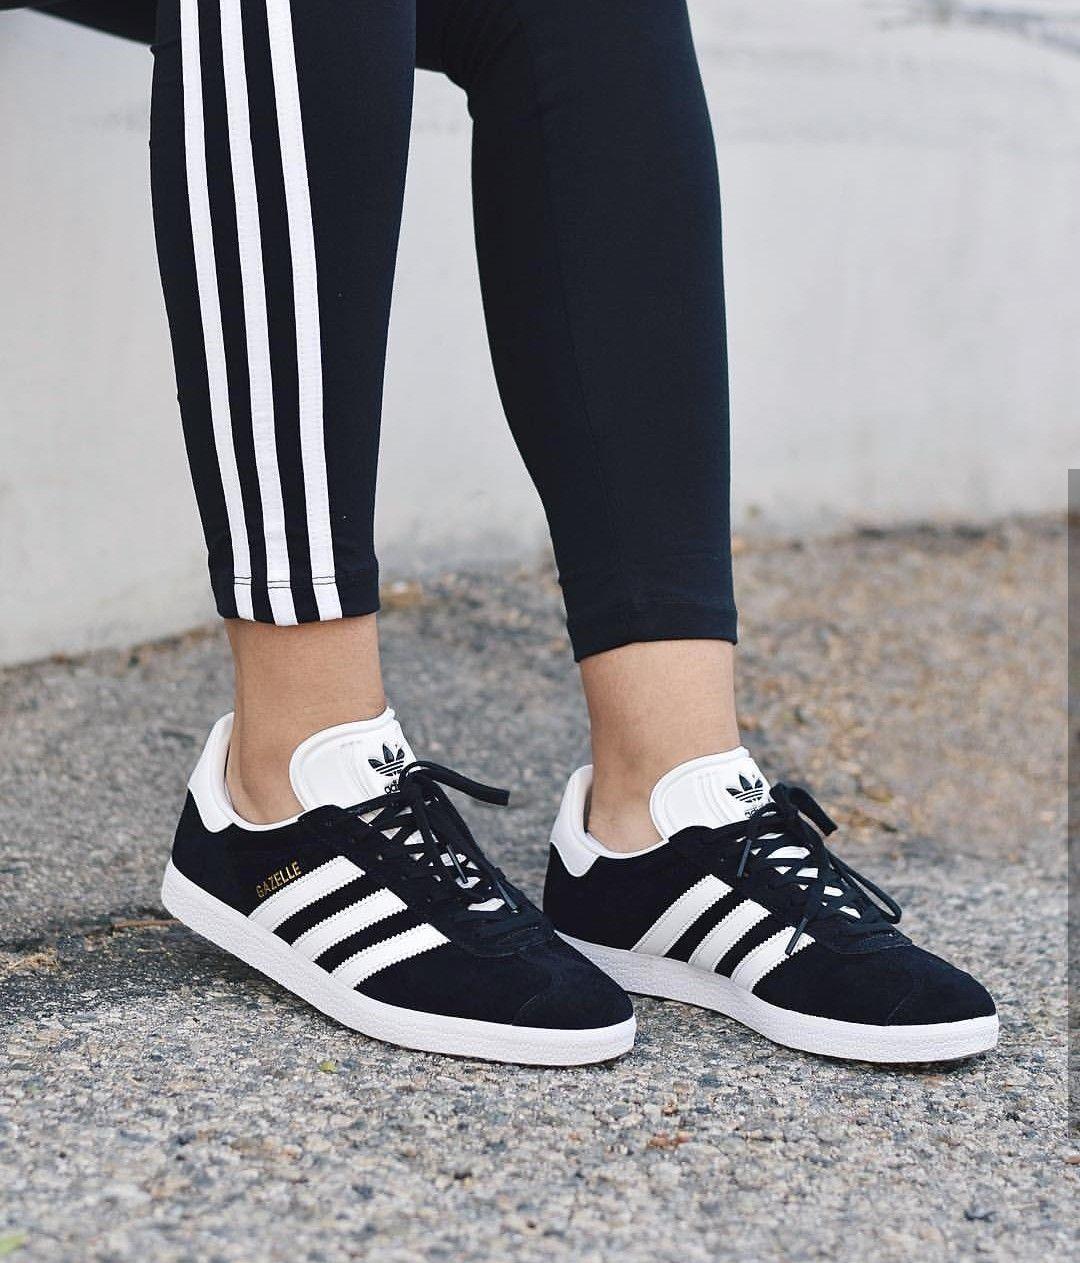 adidas Originals gazelle in schwarz weißblack white Foto